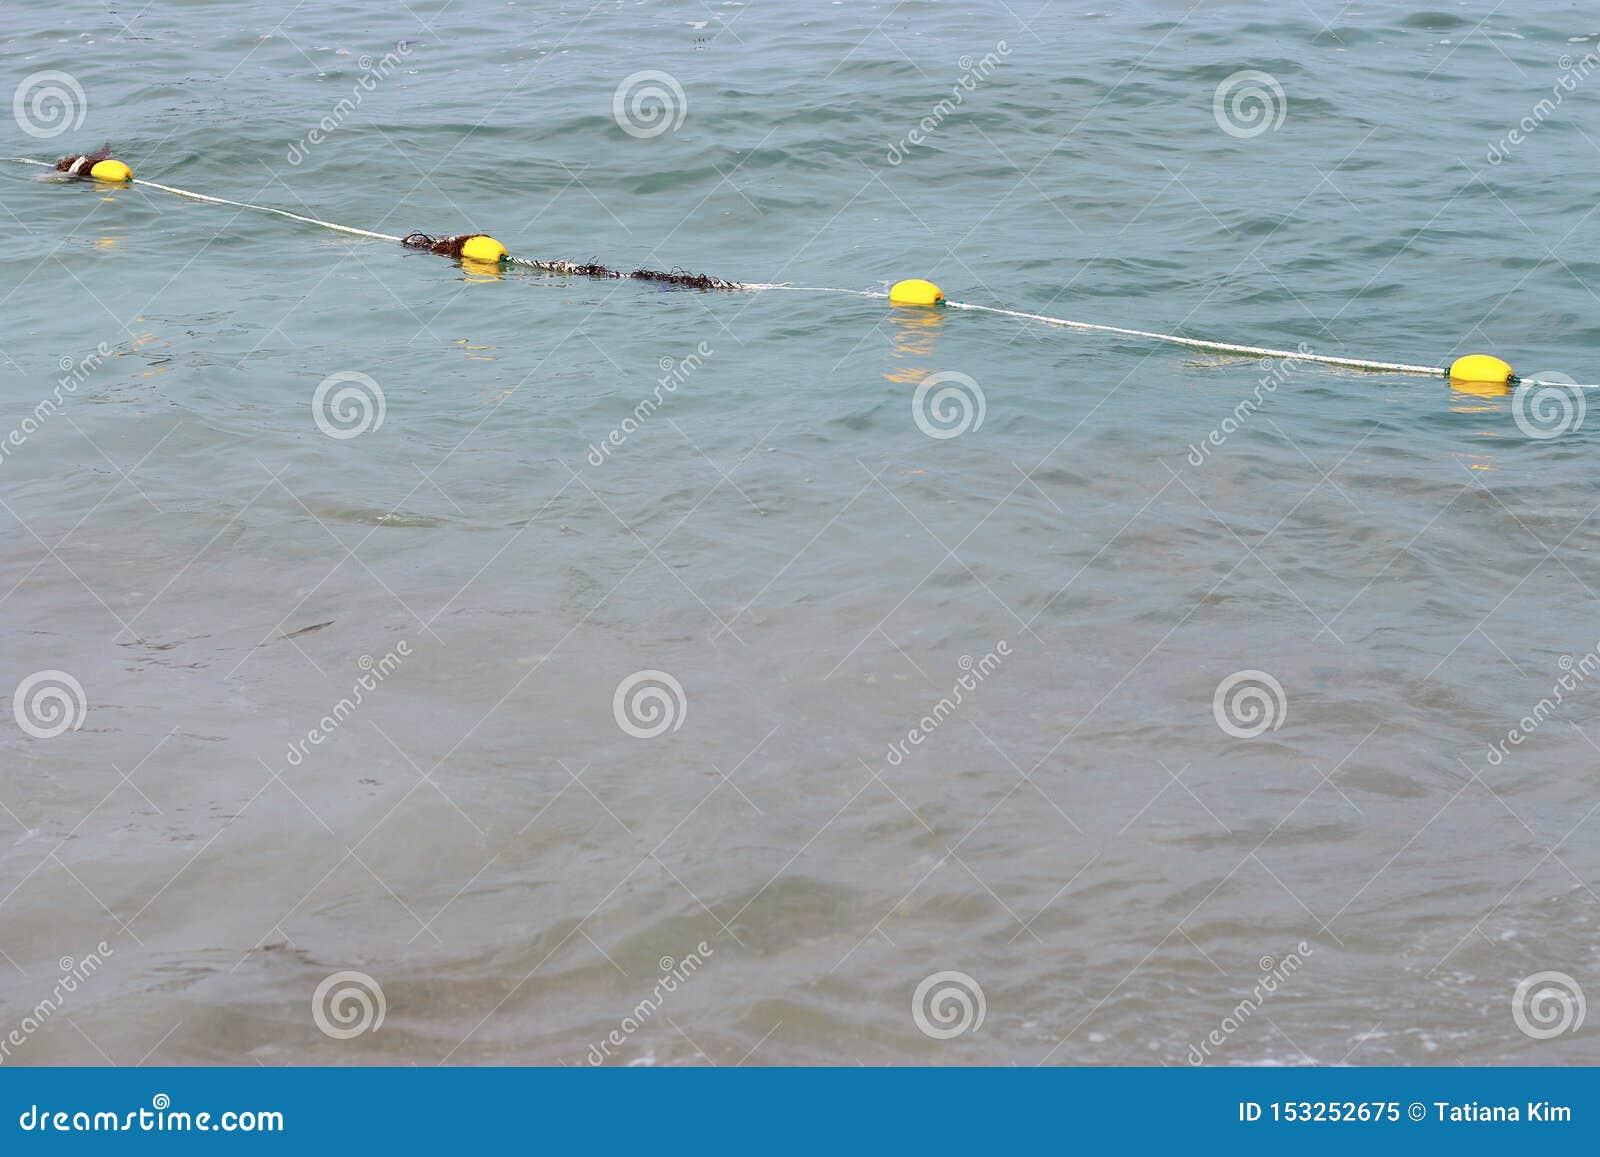 Linie von gelben Bojen in Meer, Konzept der Wassersicherheit